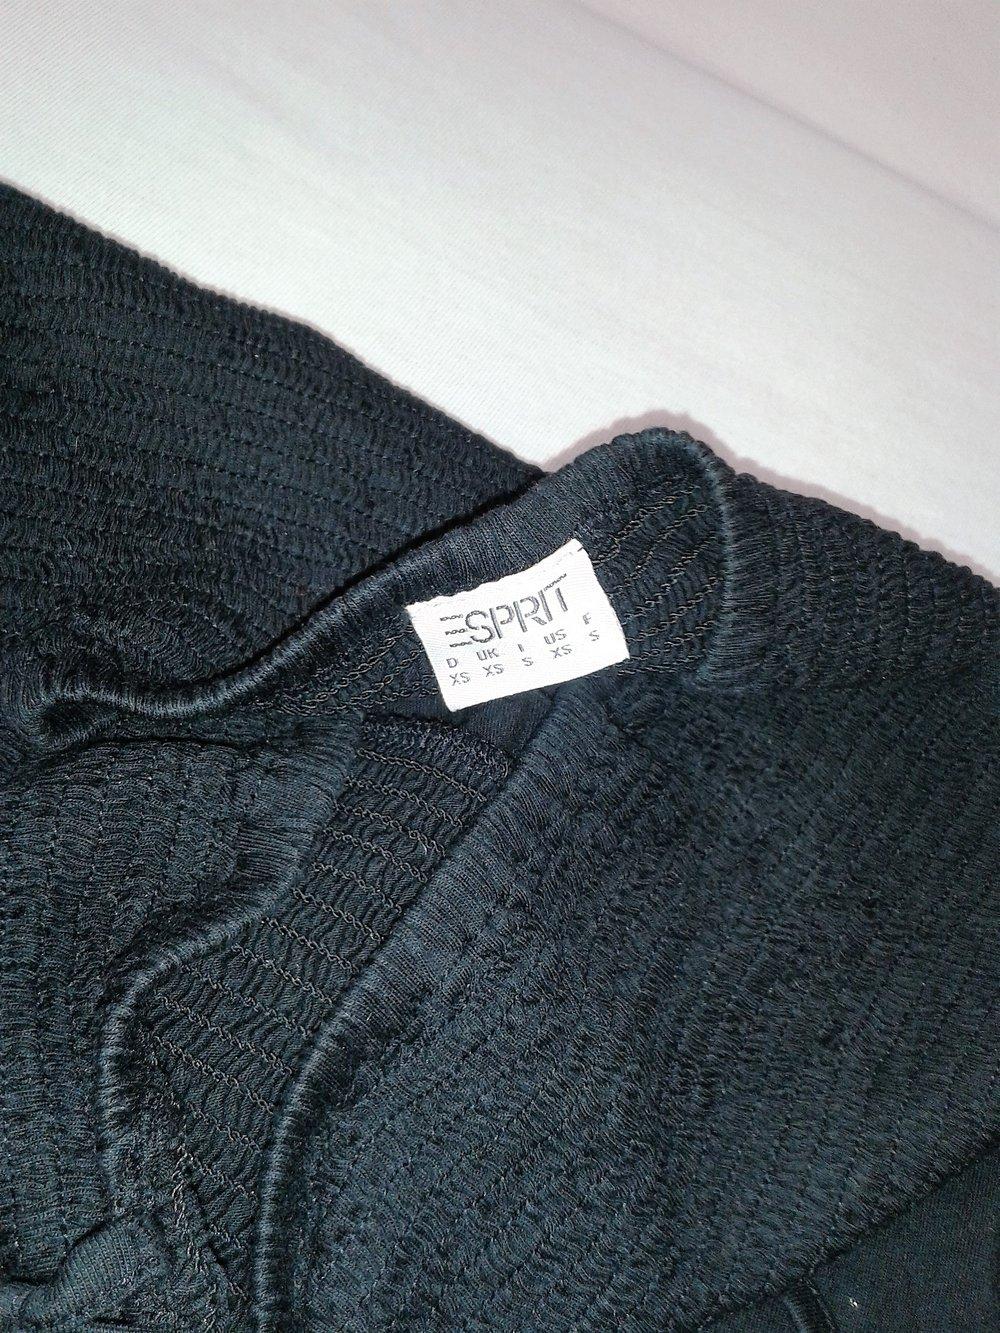 ... Schwarzes Kleid Knielang von Esprit Gr XS-S mit Stickerei am Bund ... e12be3d9dc